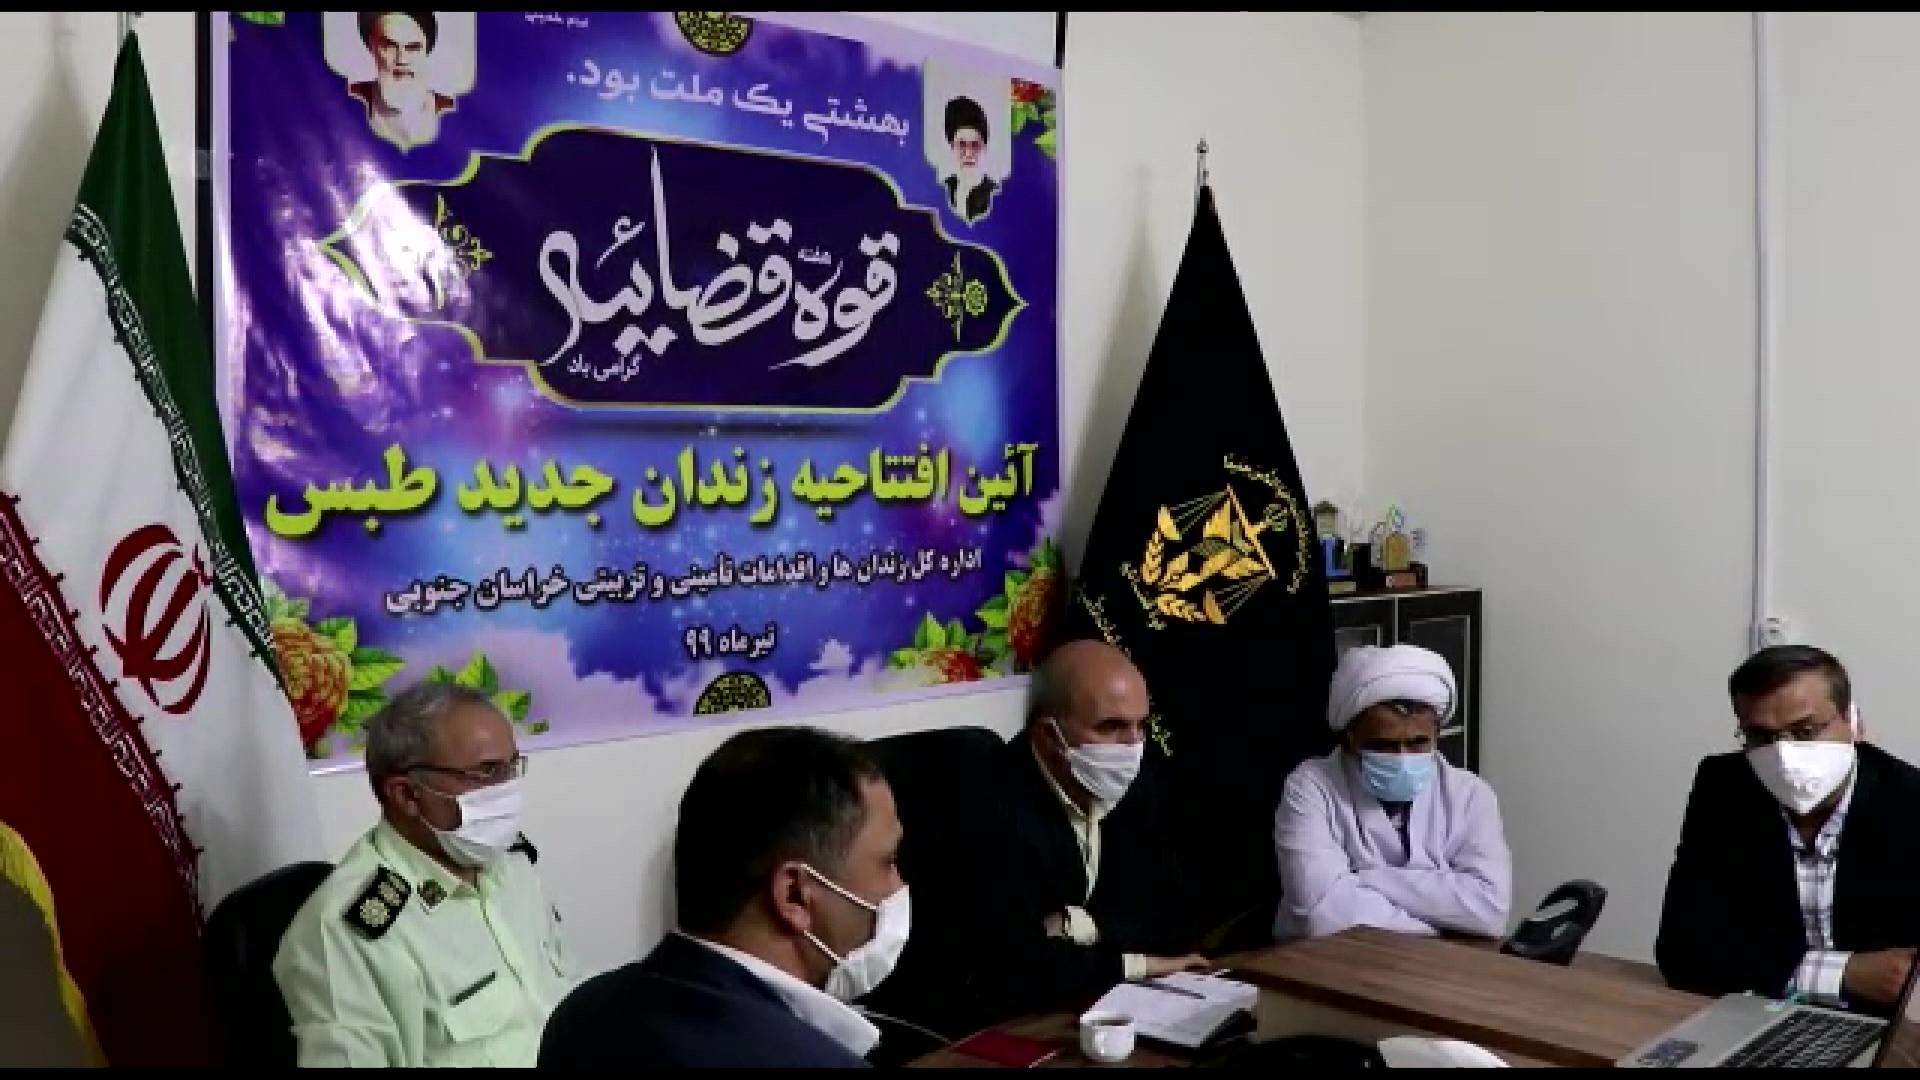 افتتاح رسمی زندان طبس به صورت ویدئوکنفرانس با حضور رئیس قوه قضاییه